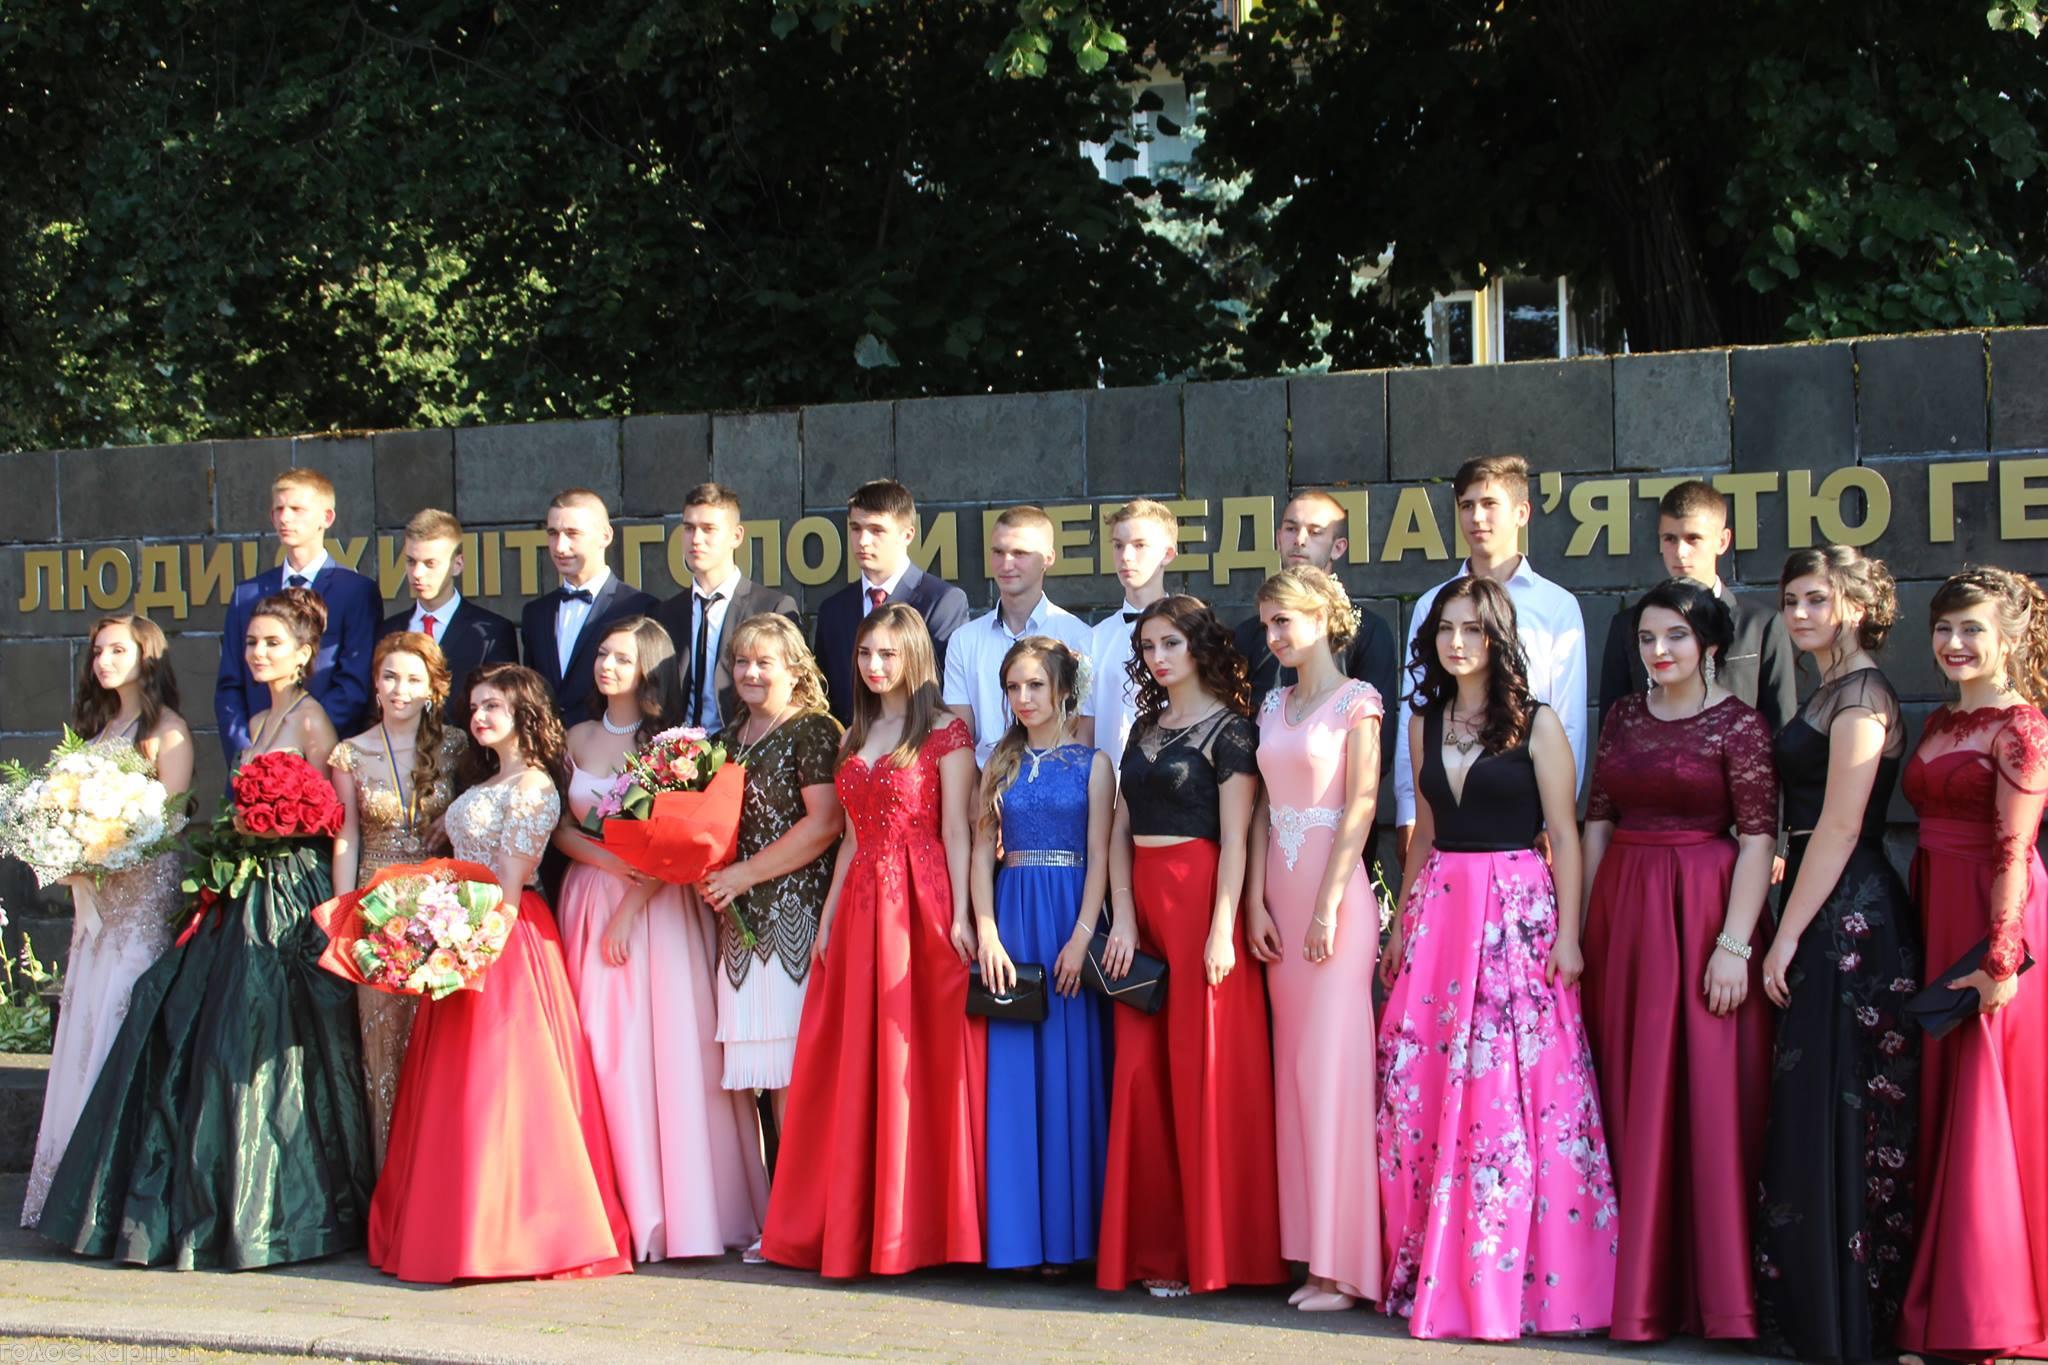 Сьогодні у Виноградові вручали оскари / ФОТО